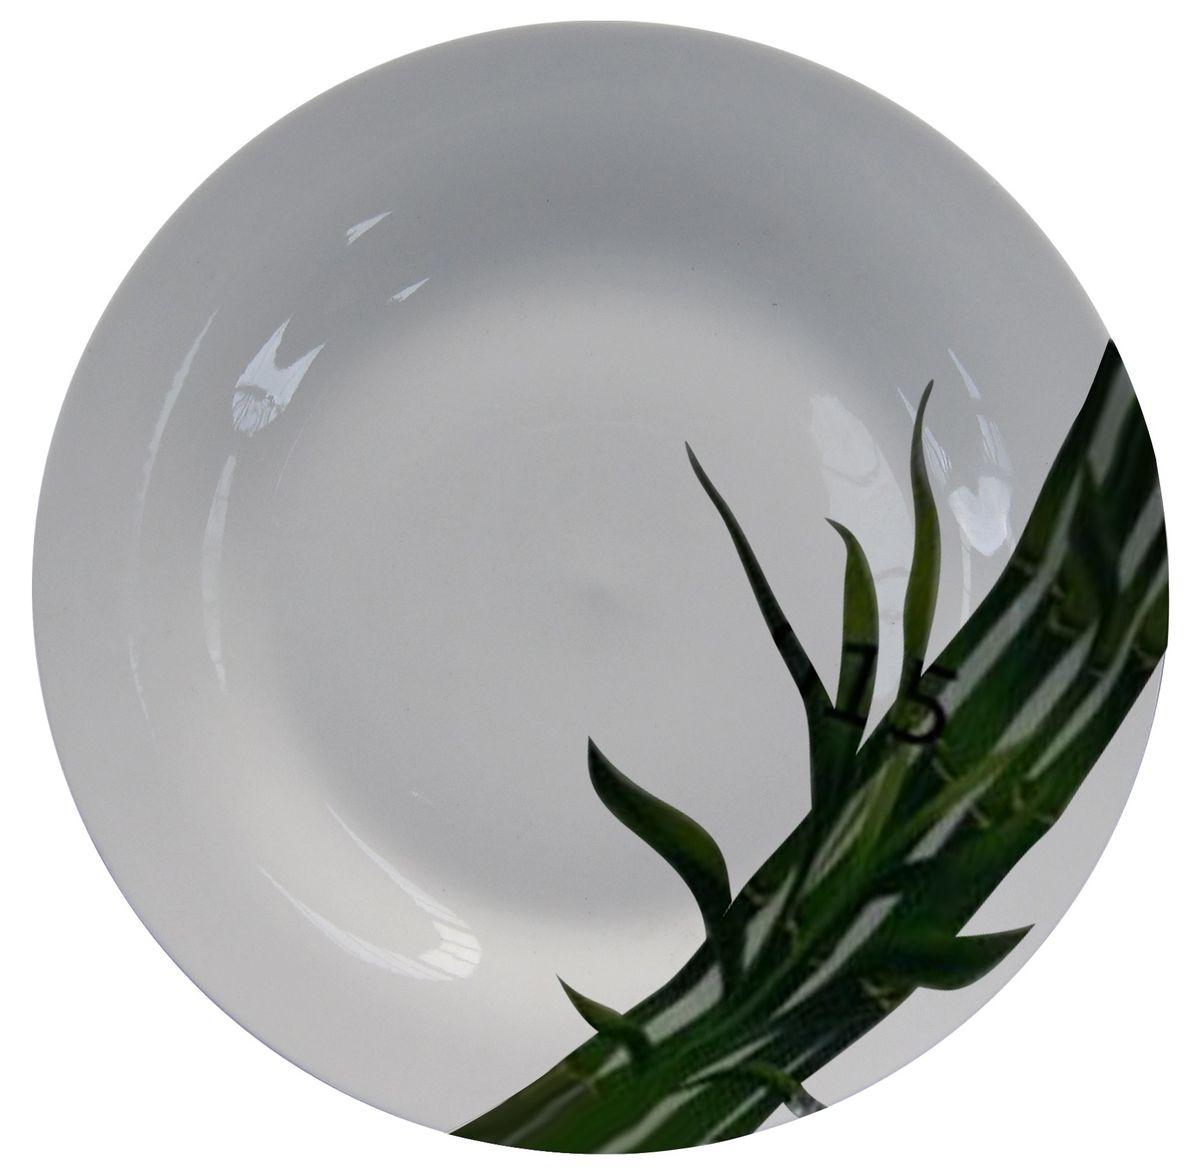 Тарелка МФК-профит Бамбук, диаметр 18 смVT-1520(SR)Тарелка МФК-профит, изготовленная из стеклокерамики, украшена ярким рисунком. Изящный дизайн придется по вкусу и ценителям классики, и тем, кто предпочитает утонченность.Такая тарелка идеально подойдет для сервировки стола и станет отличным подарком к любому празднику.